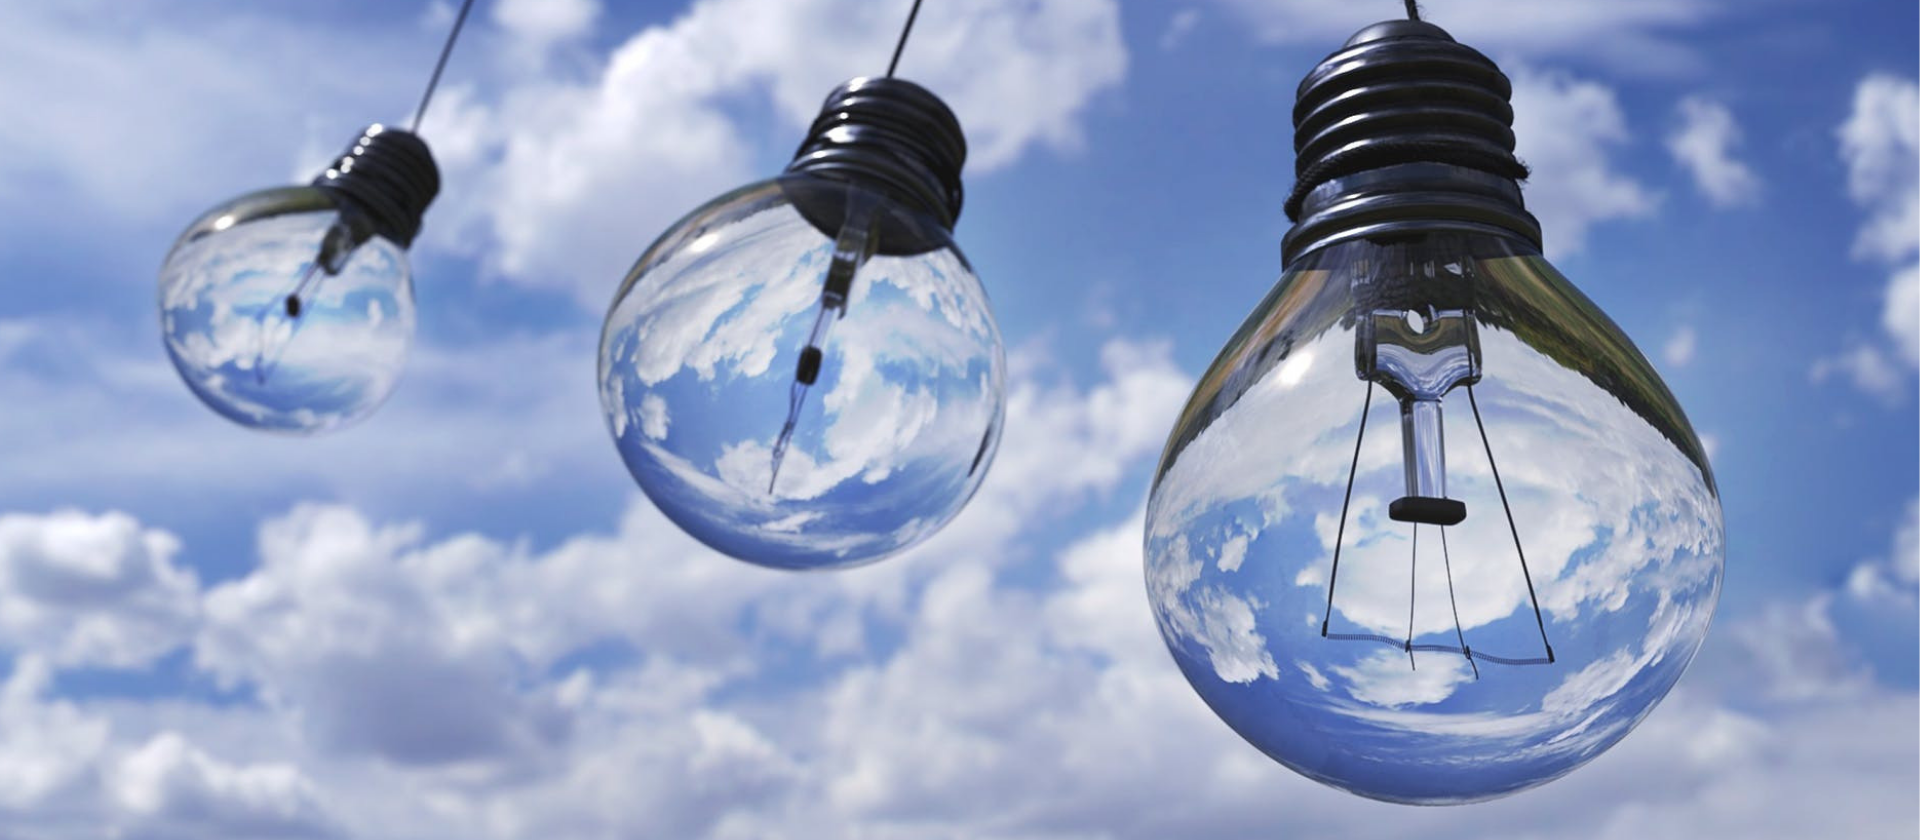 Lightbulbs in Blue Sky